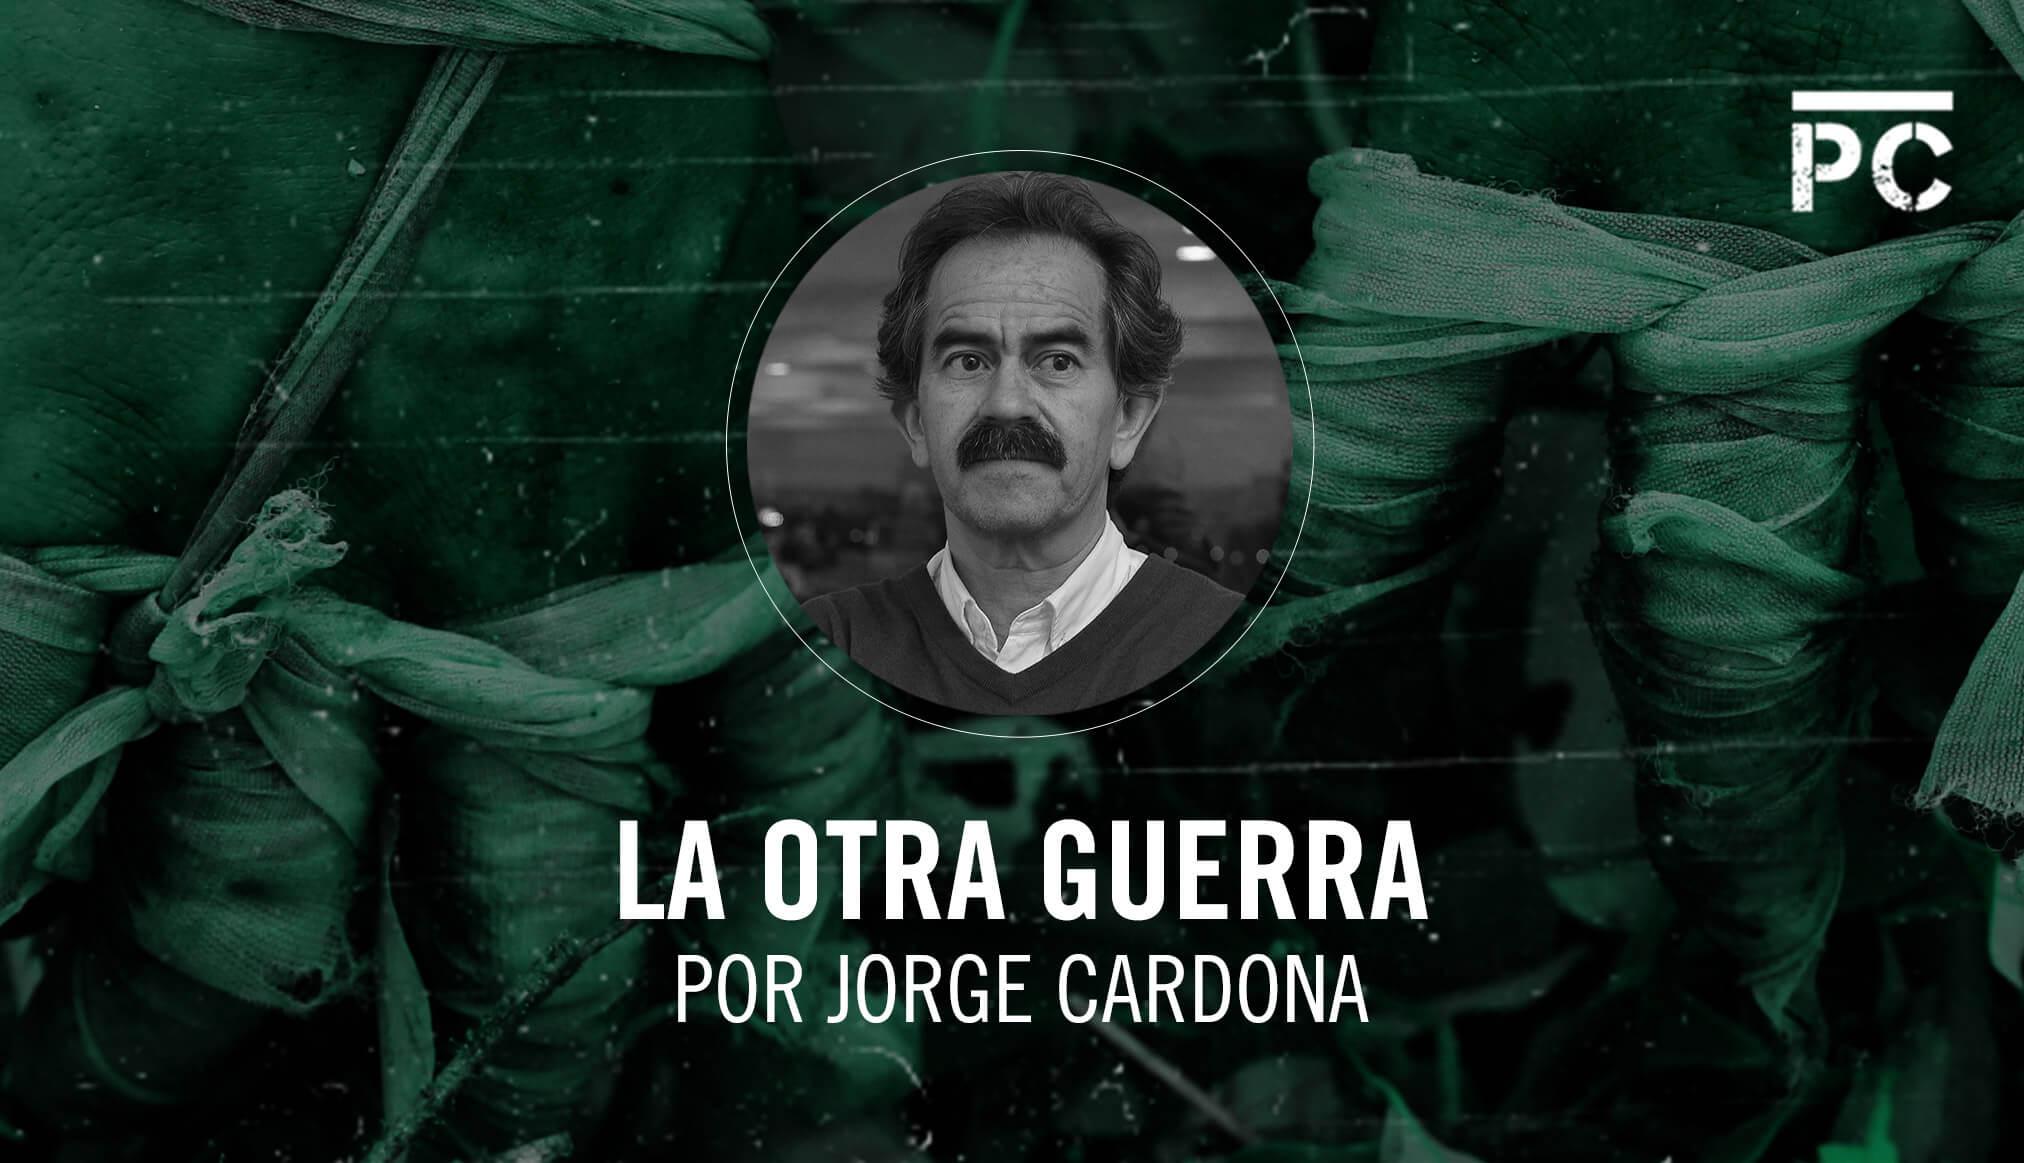 Patrones y sicarios: así era el ajedrez de la mafia antes de Escobar